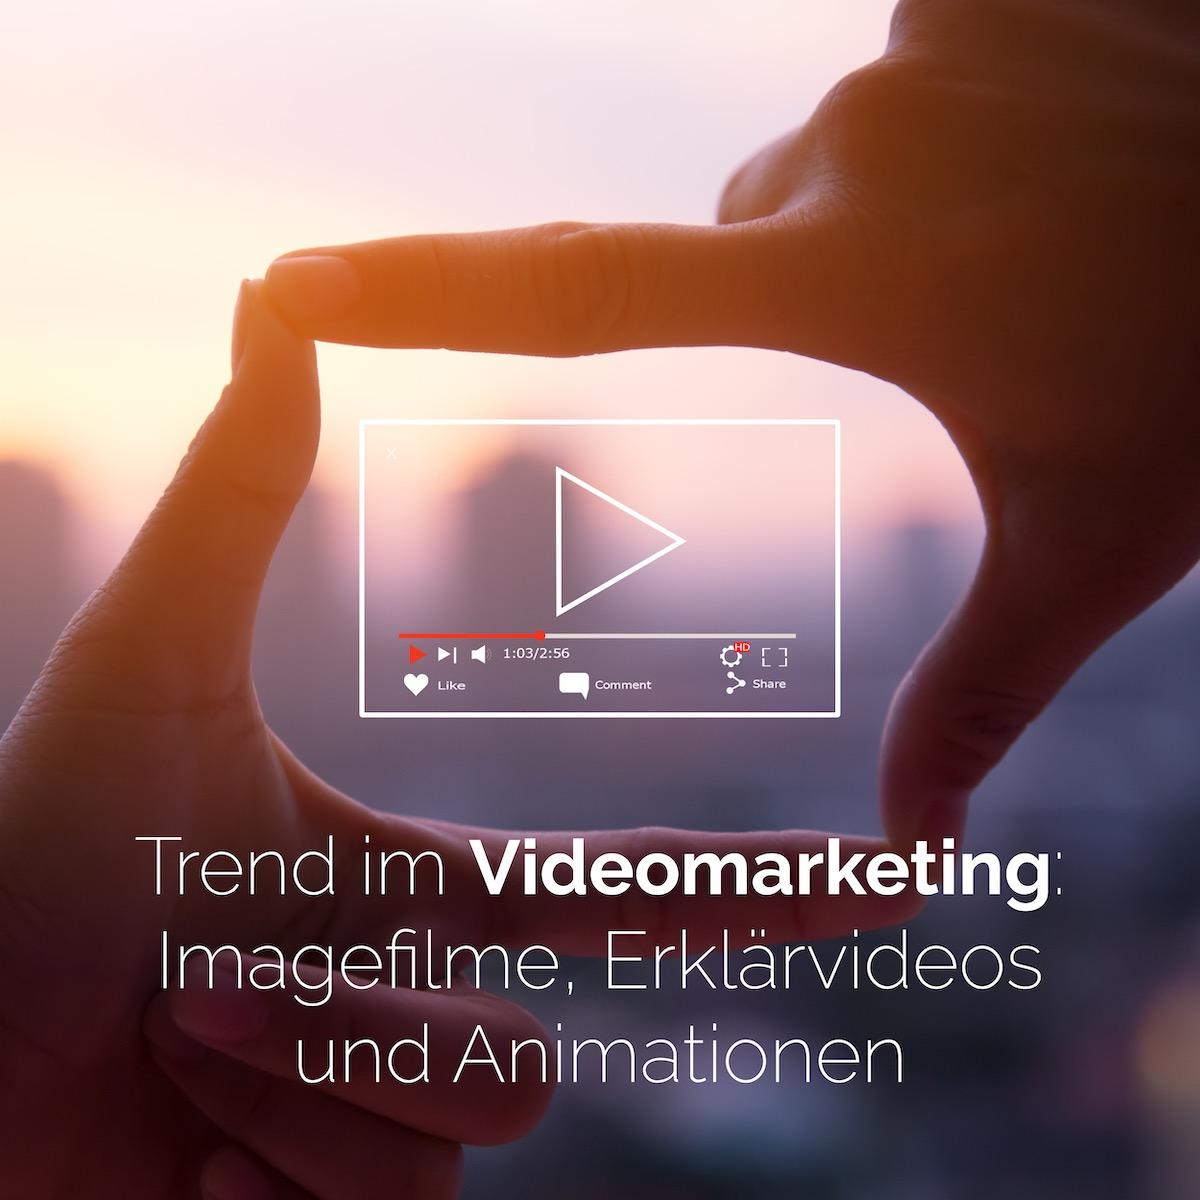 geschmacksRaum_WERBEAGENTUR_Imagefilme_Erklaervideos_und_Animationen_als_Trend_im_Videomarketing_B-f